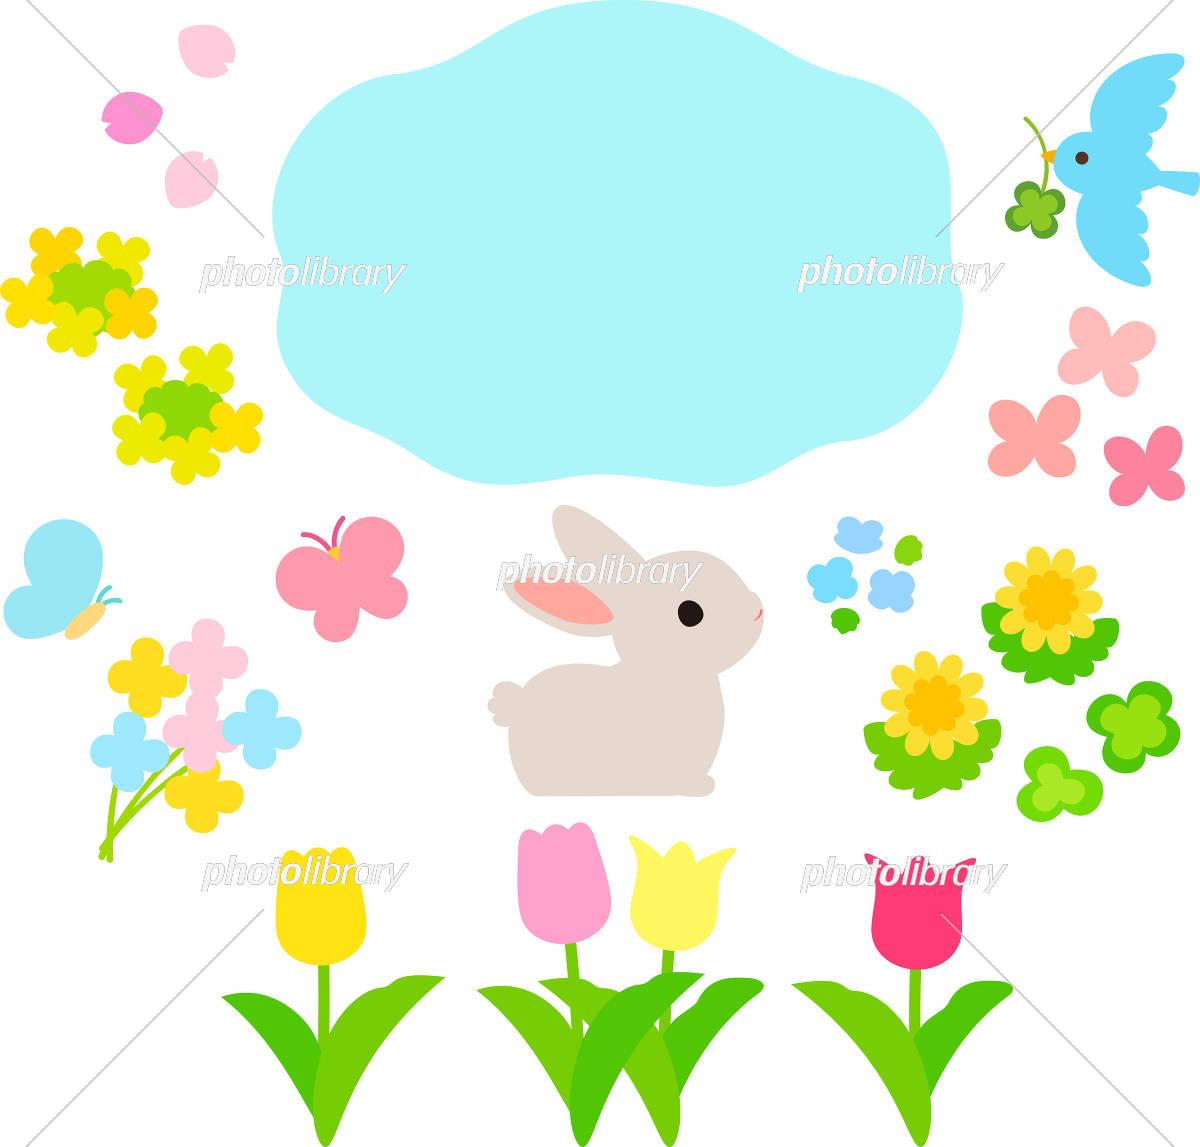 春の花と動物のイラストセット イラスト素材 [ 5469541 ] - フォトライブ